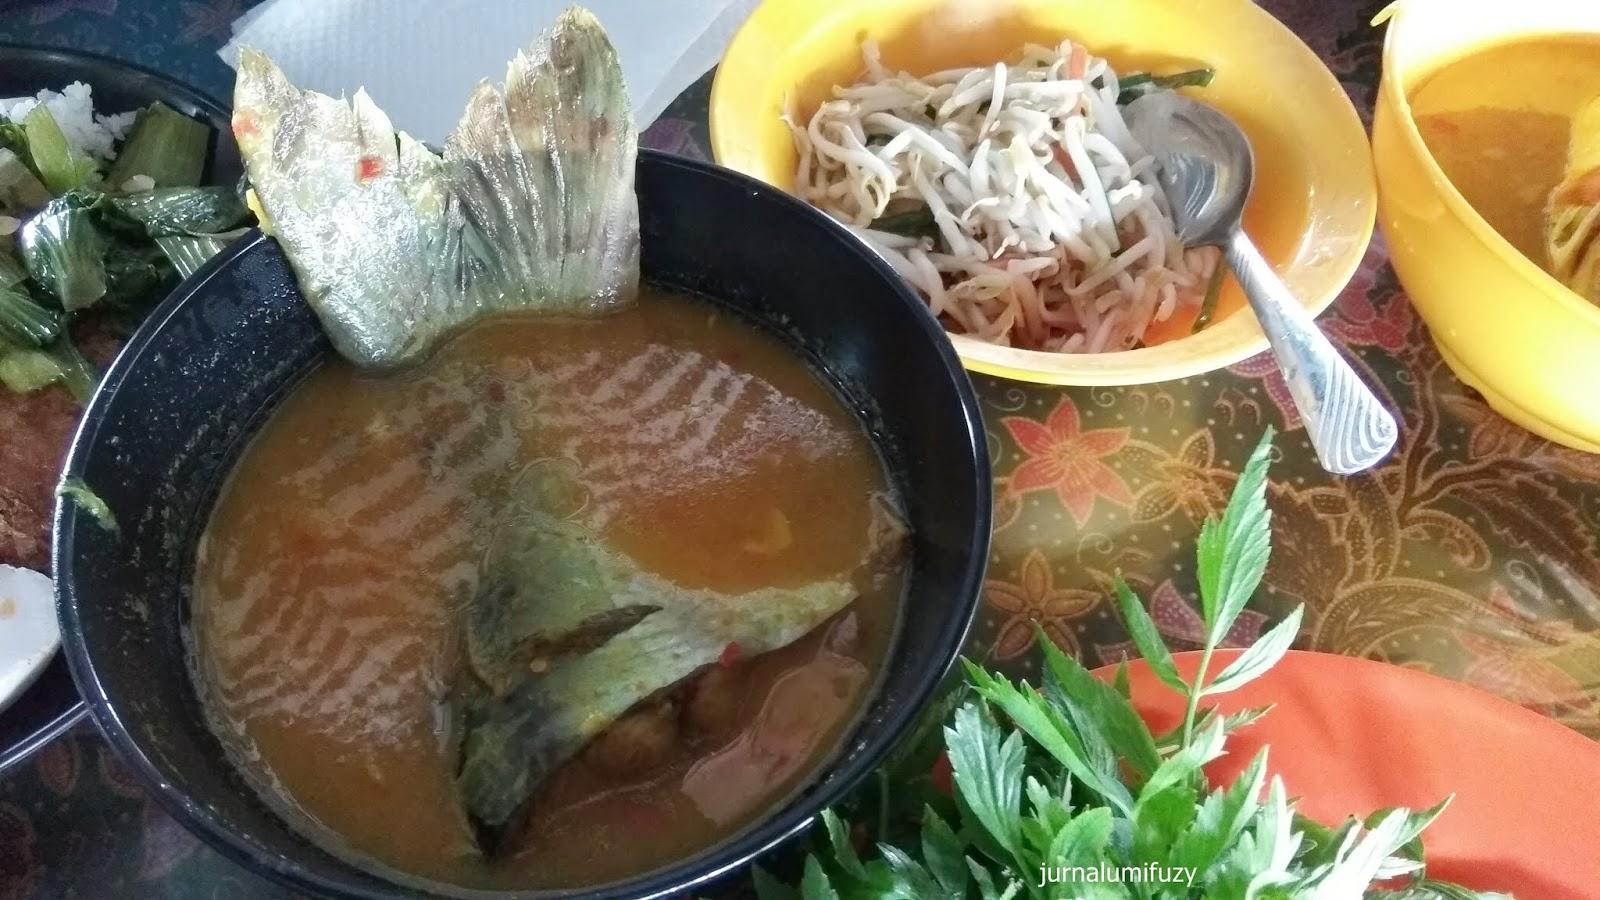 Jalan-Jalan Kuantan, Jom Pekena Tempoyak Ikan Patin Di Kancil Raja Patin Kuantan